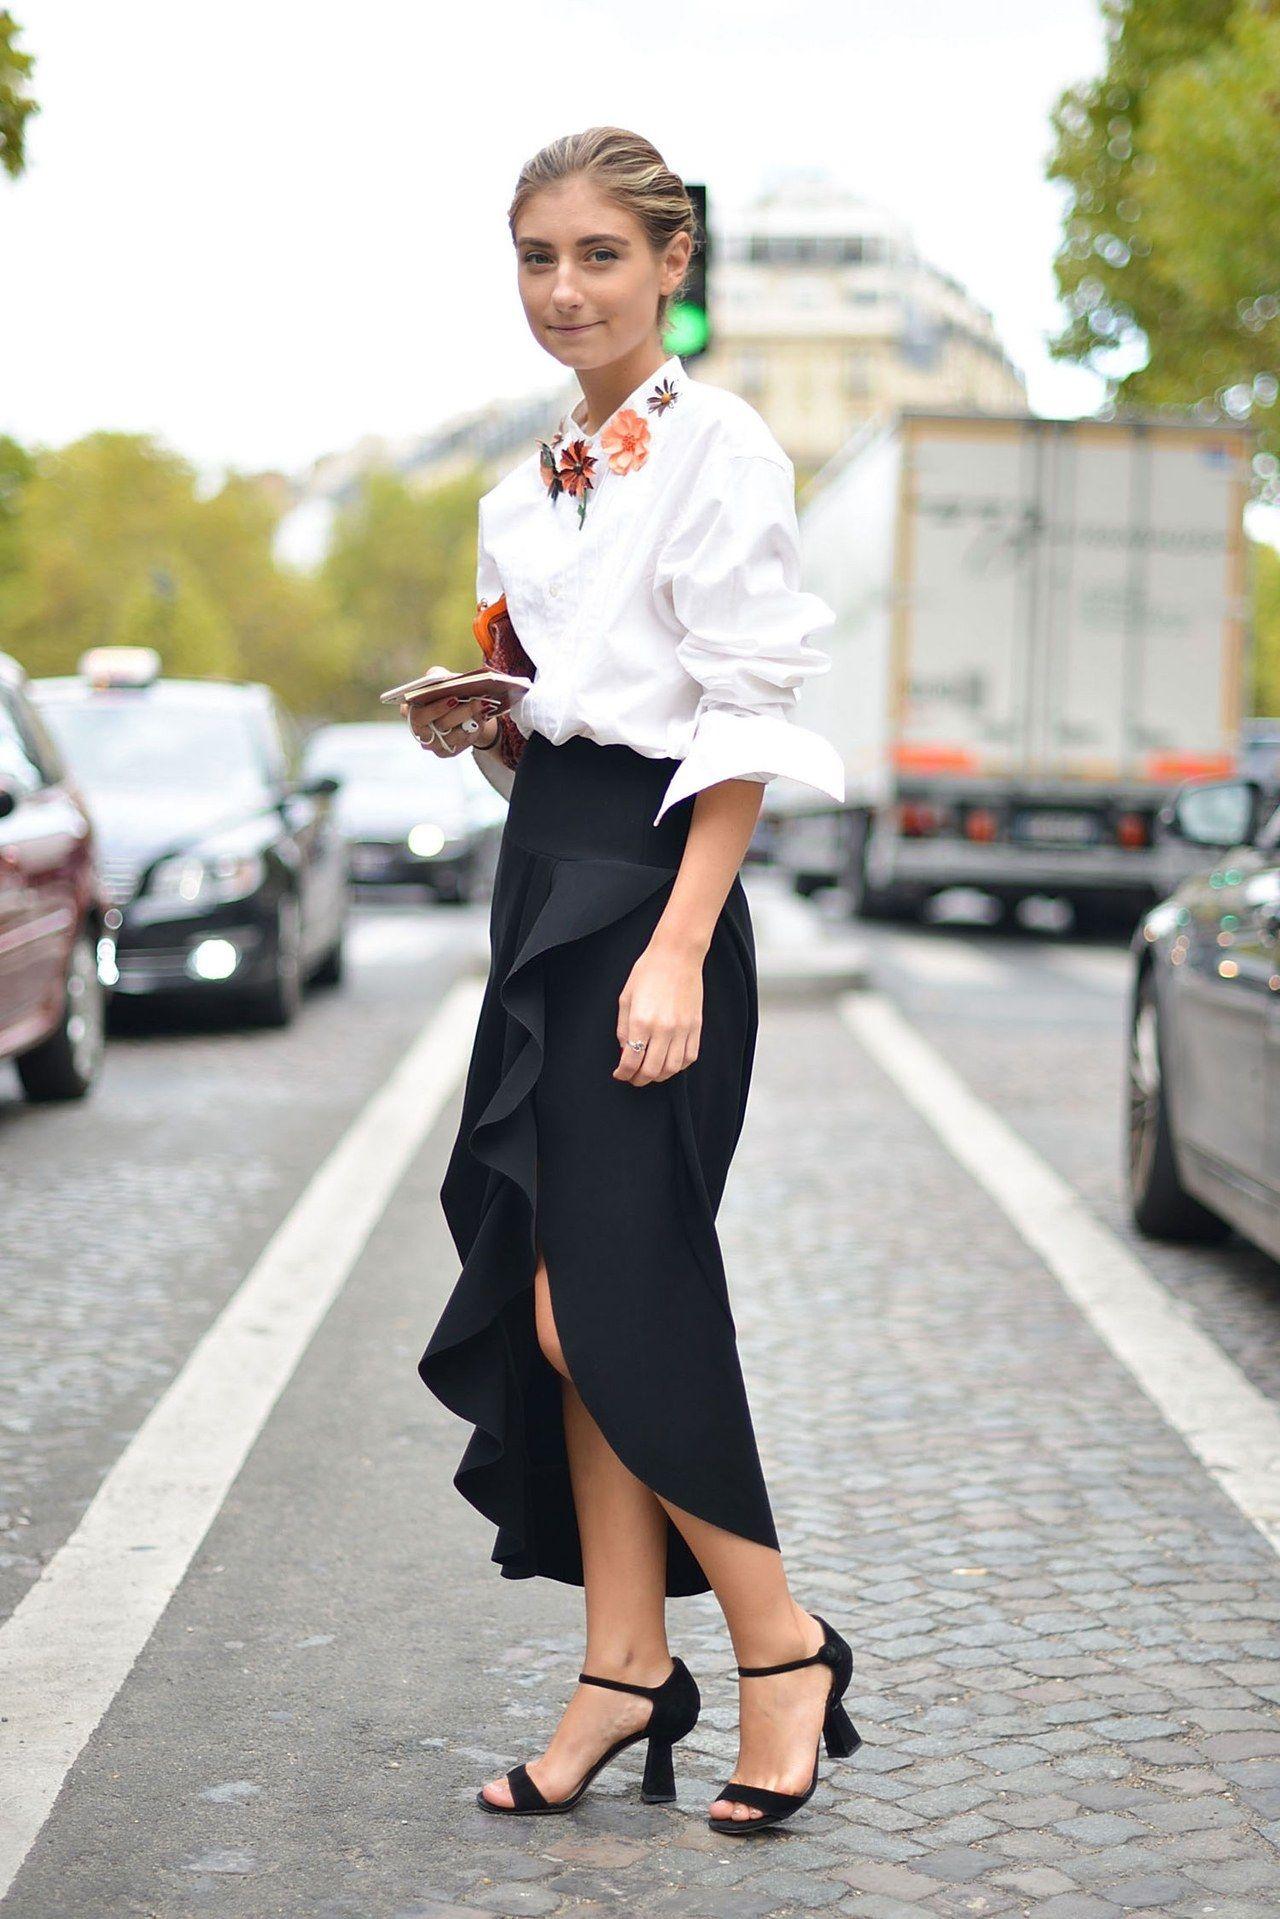 Cómo vestir para un evento formal. Mujeres 20-30 años• Asesoría de Imagen  Personal 332616bbbe42